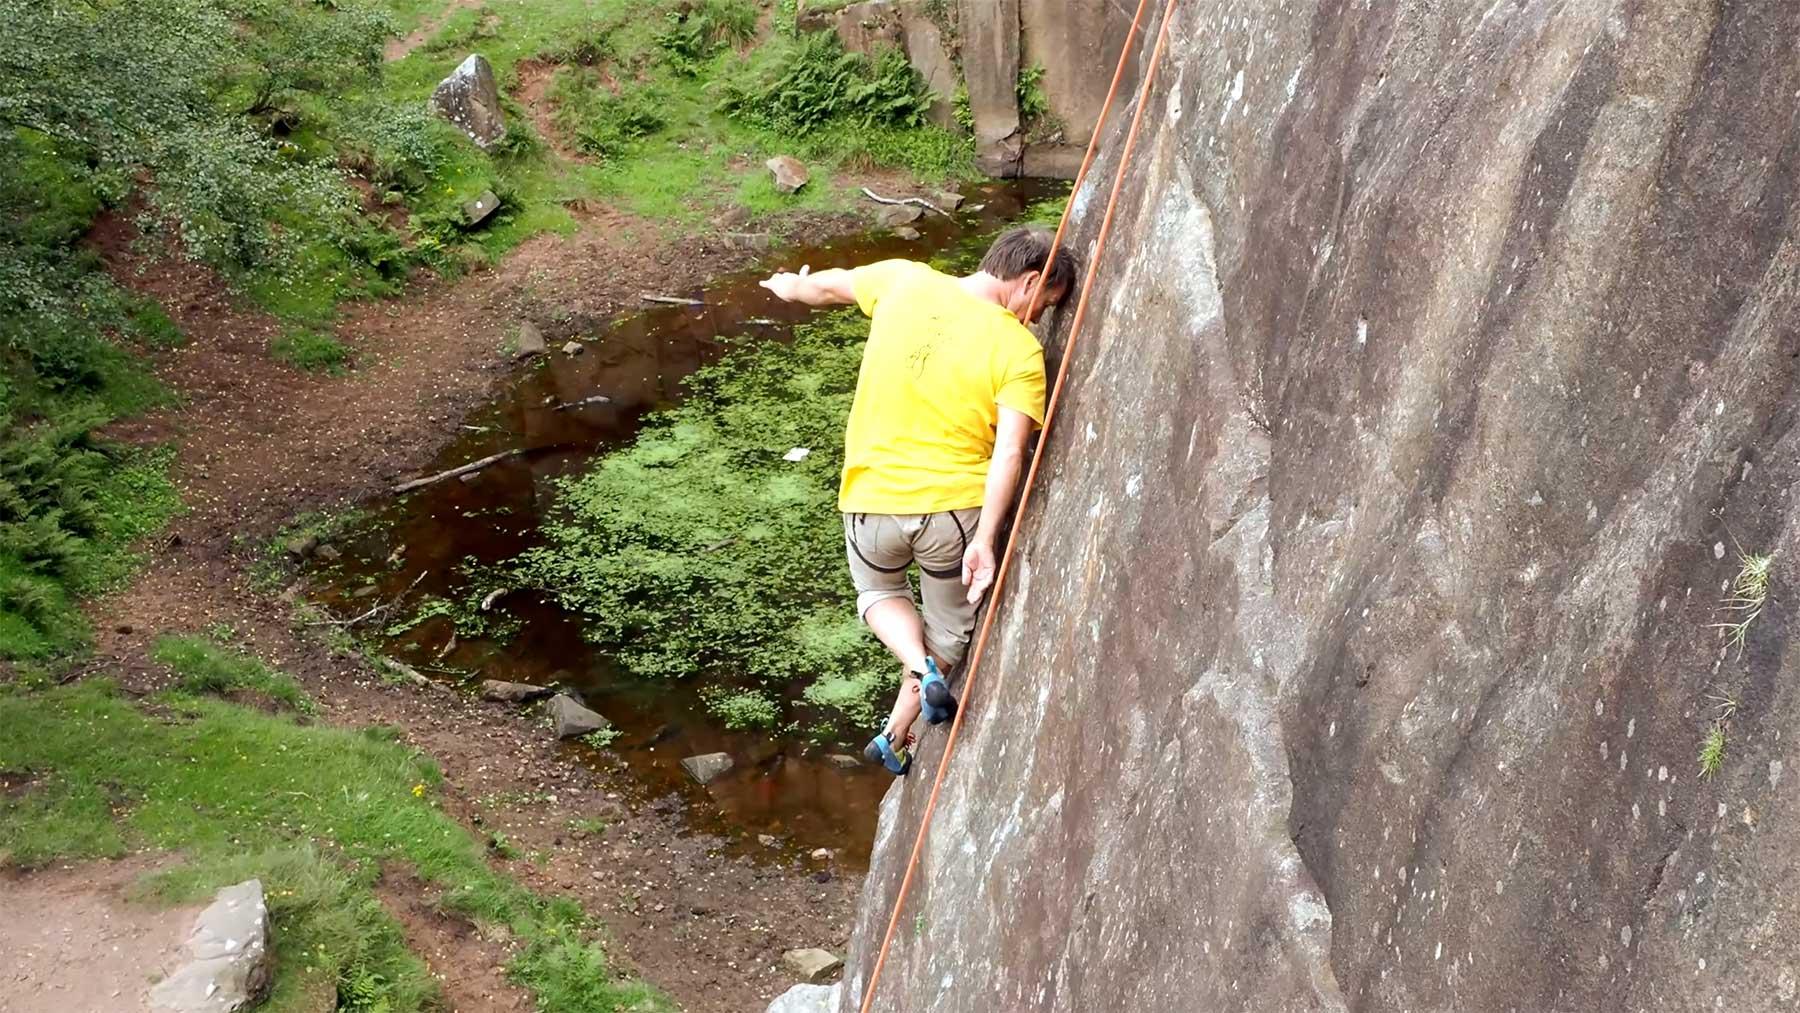 Ohne Einsatz der Arme klettern